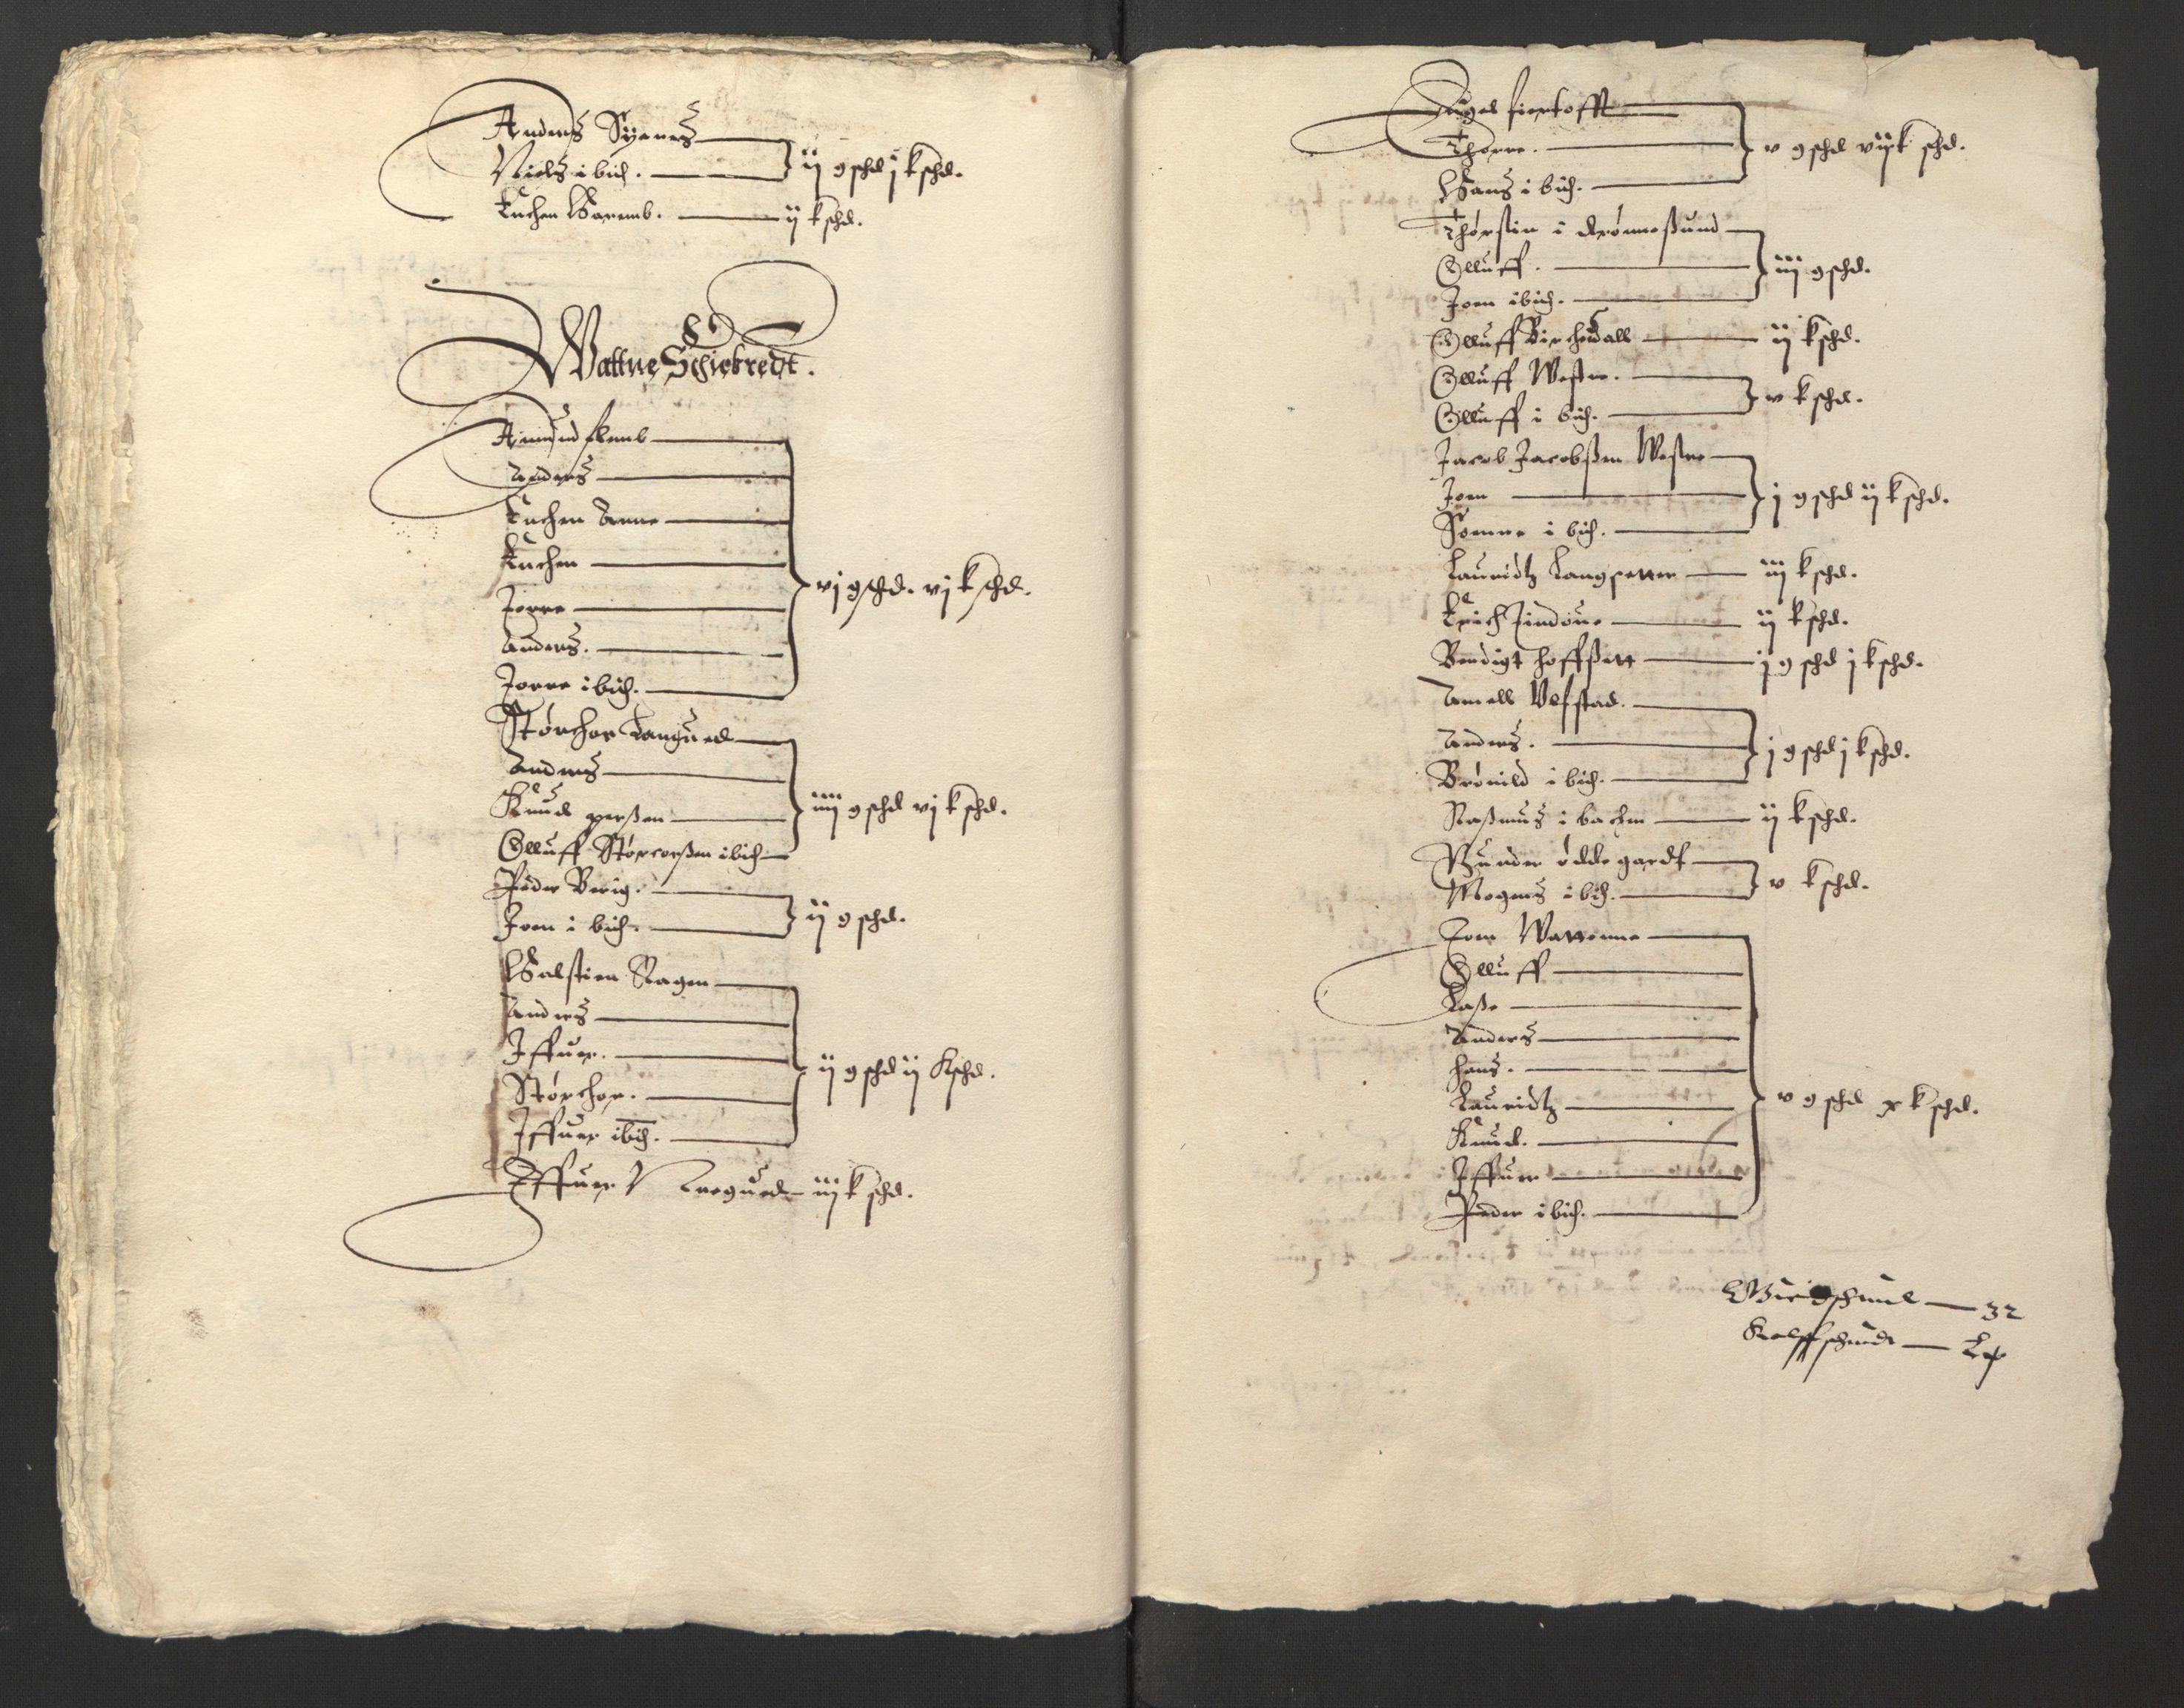 RA, Stattholderembetet 1572-1771, Ek/L0003: Jordebøker til utlikning av garnisonsskatt 1624-1626:, 1624-1625, s. 334